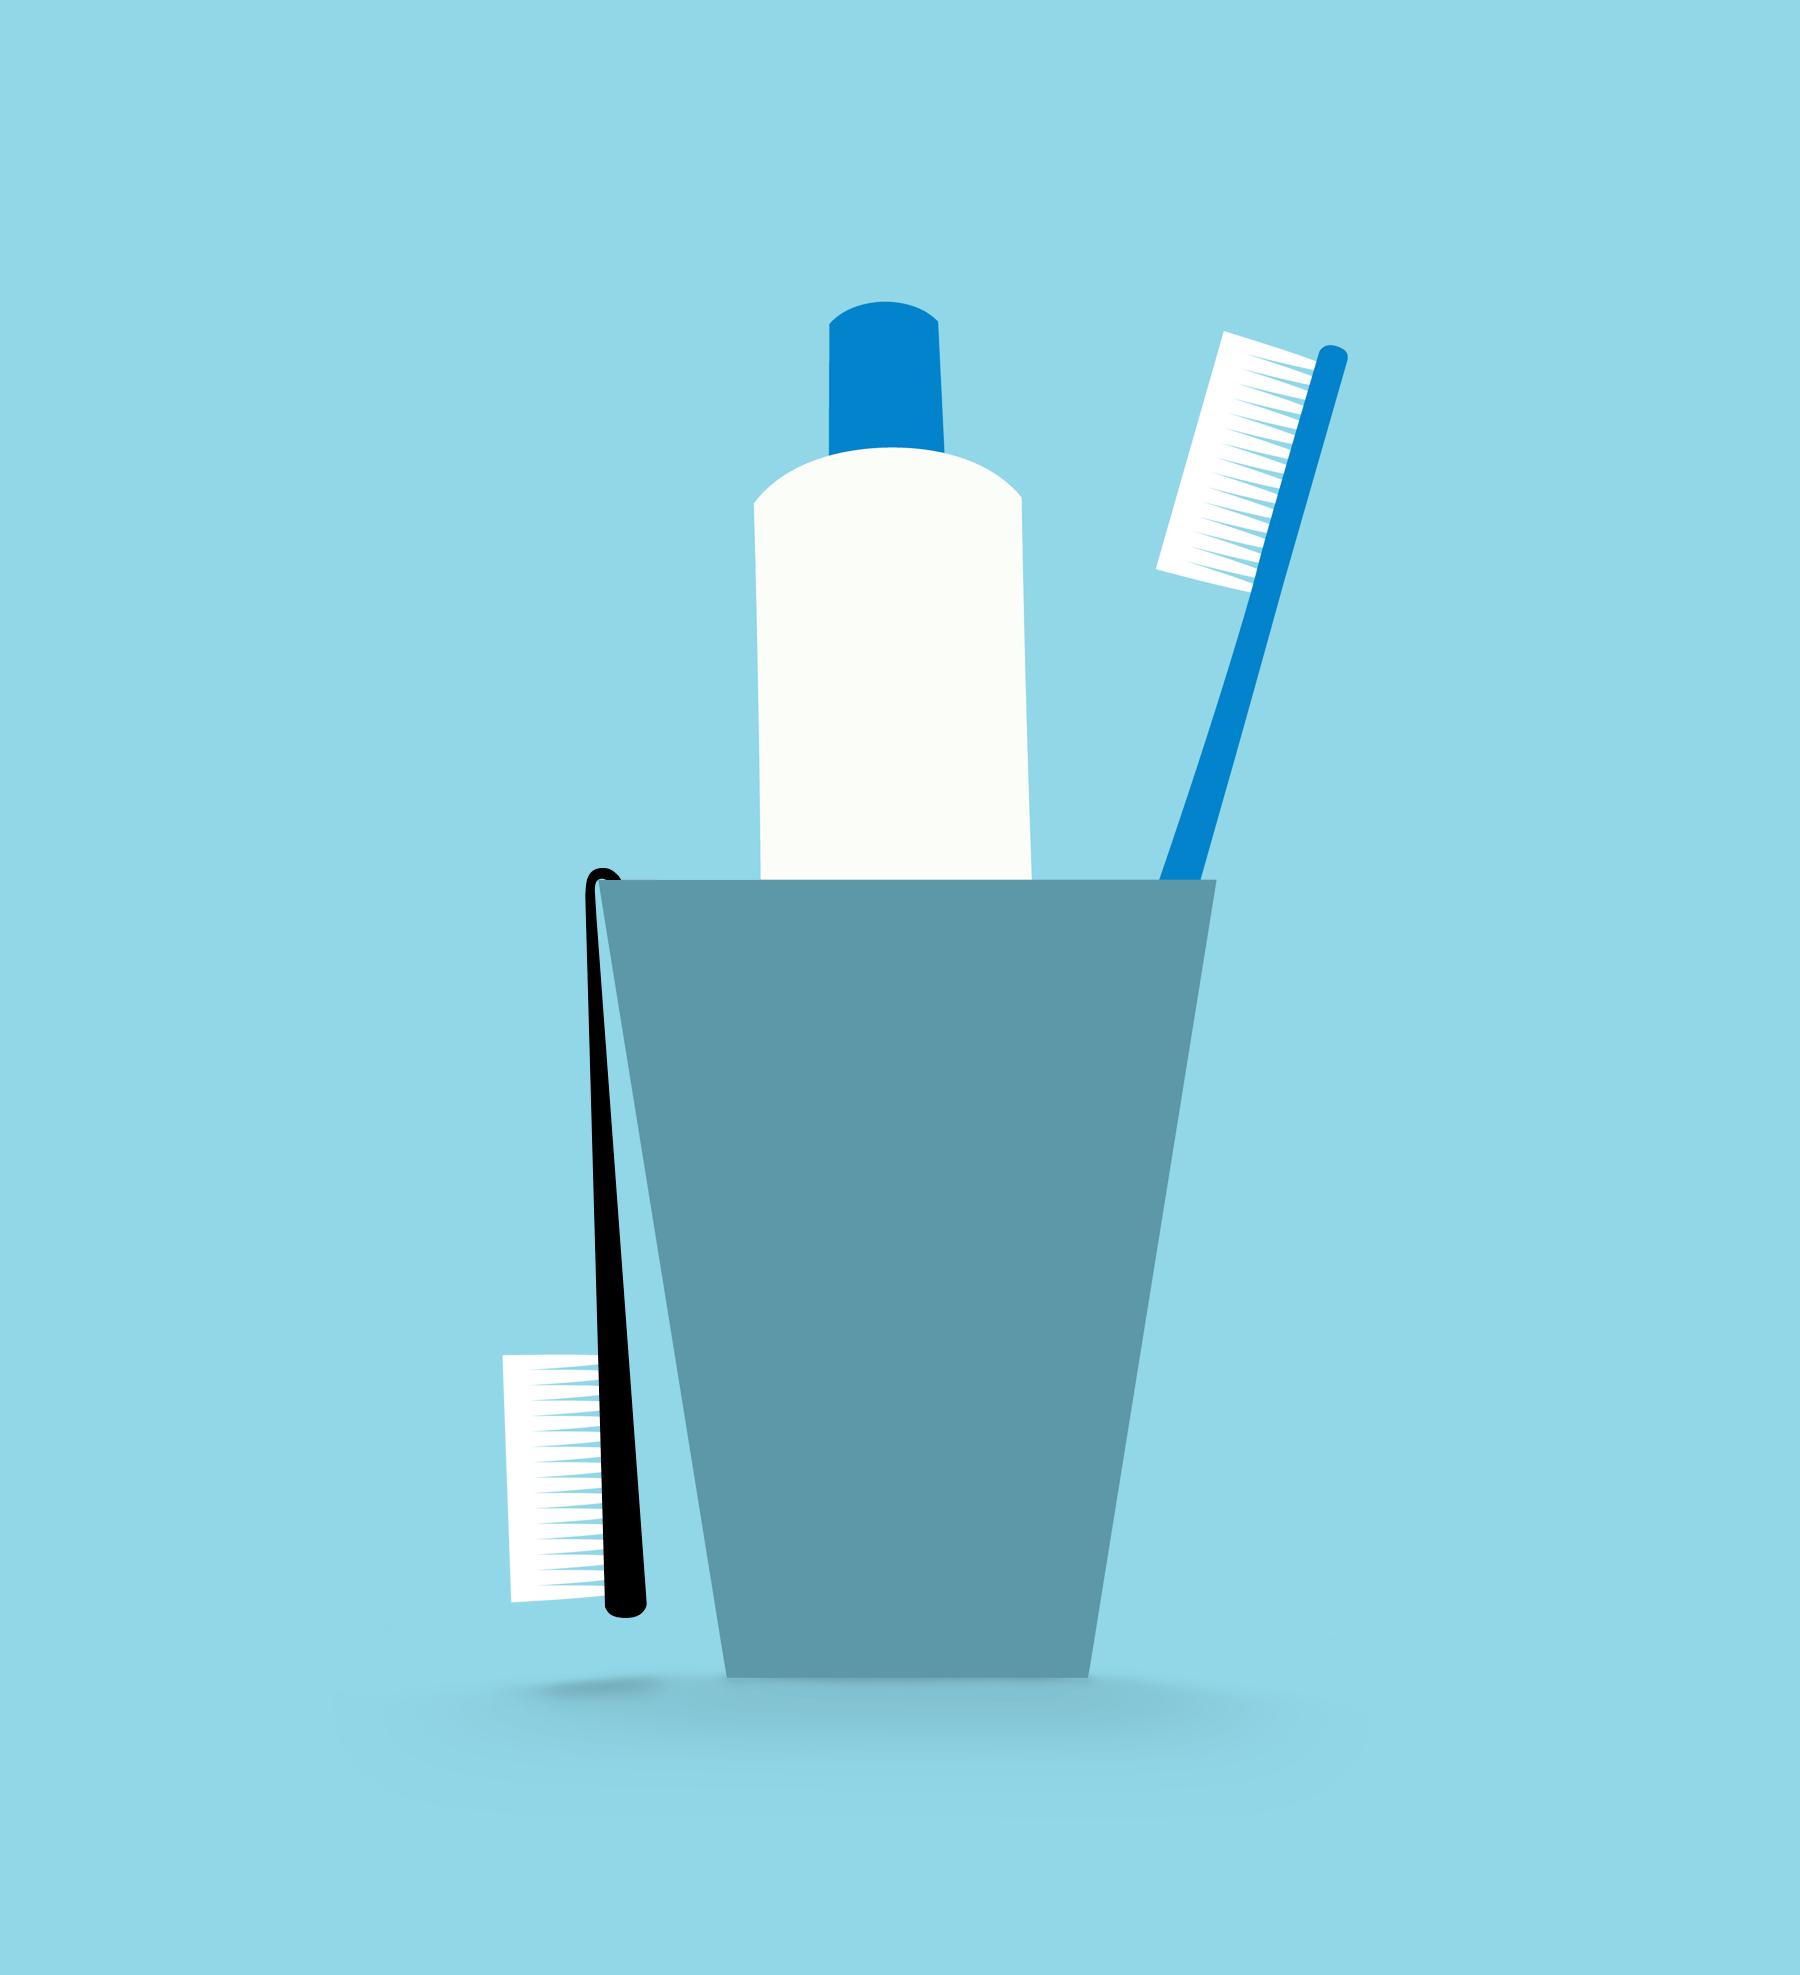 Limp toothbrush